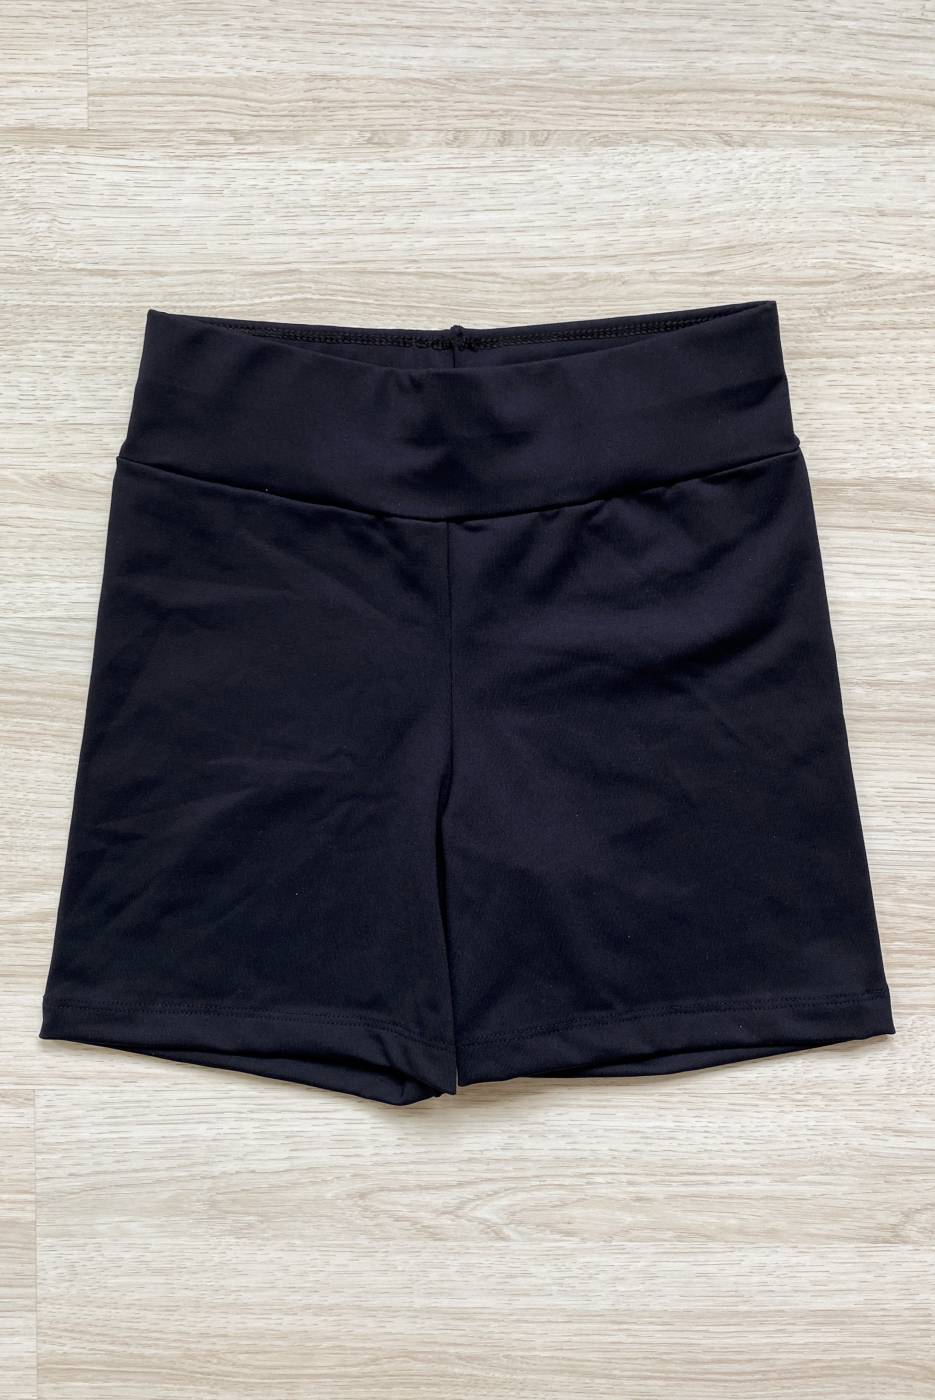 SHORT BRENDA BLACK